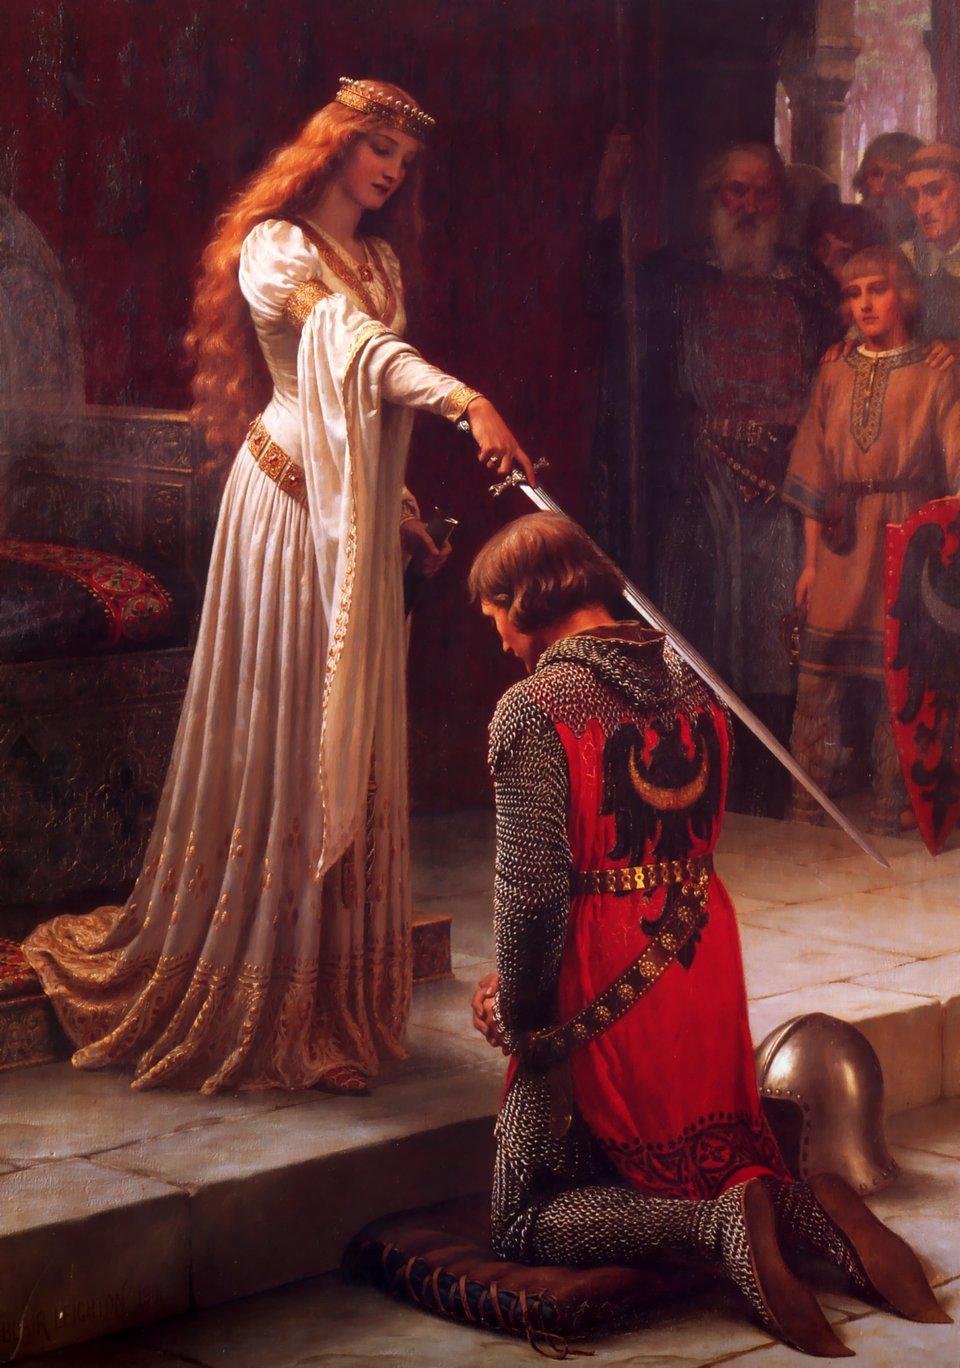 Akolada (Pasowanie na rycerza) Źródło: Edmund Blair Leighton, Akolada (Pasowanie na rycerza), 1901, olej na płótnie, domena publiczna.